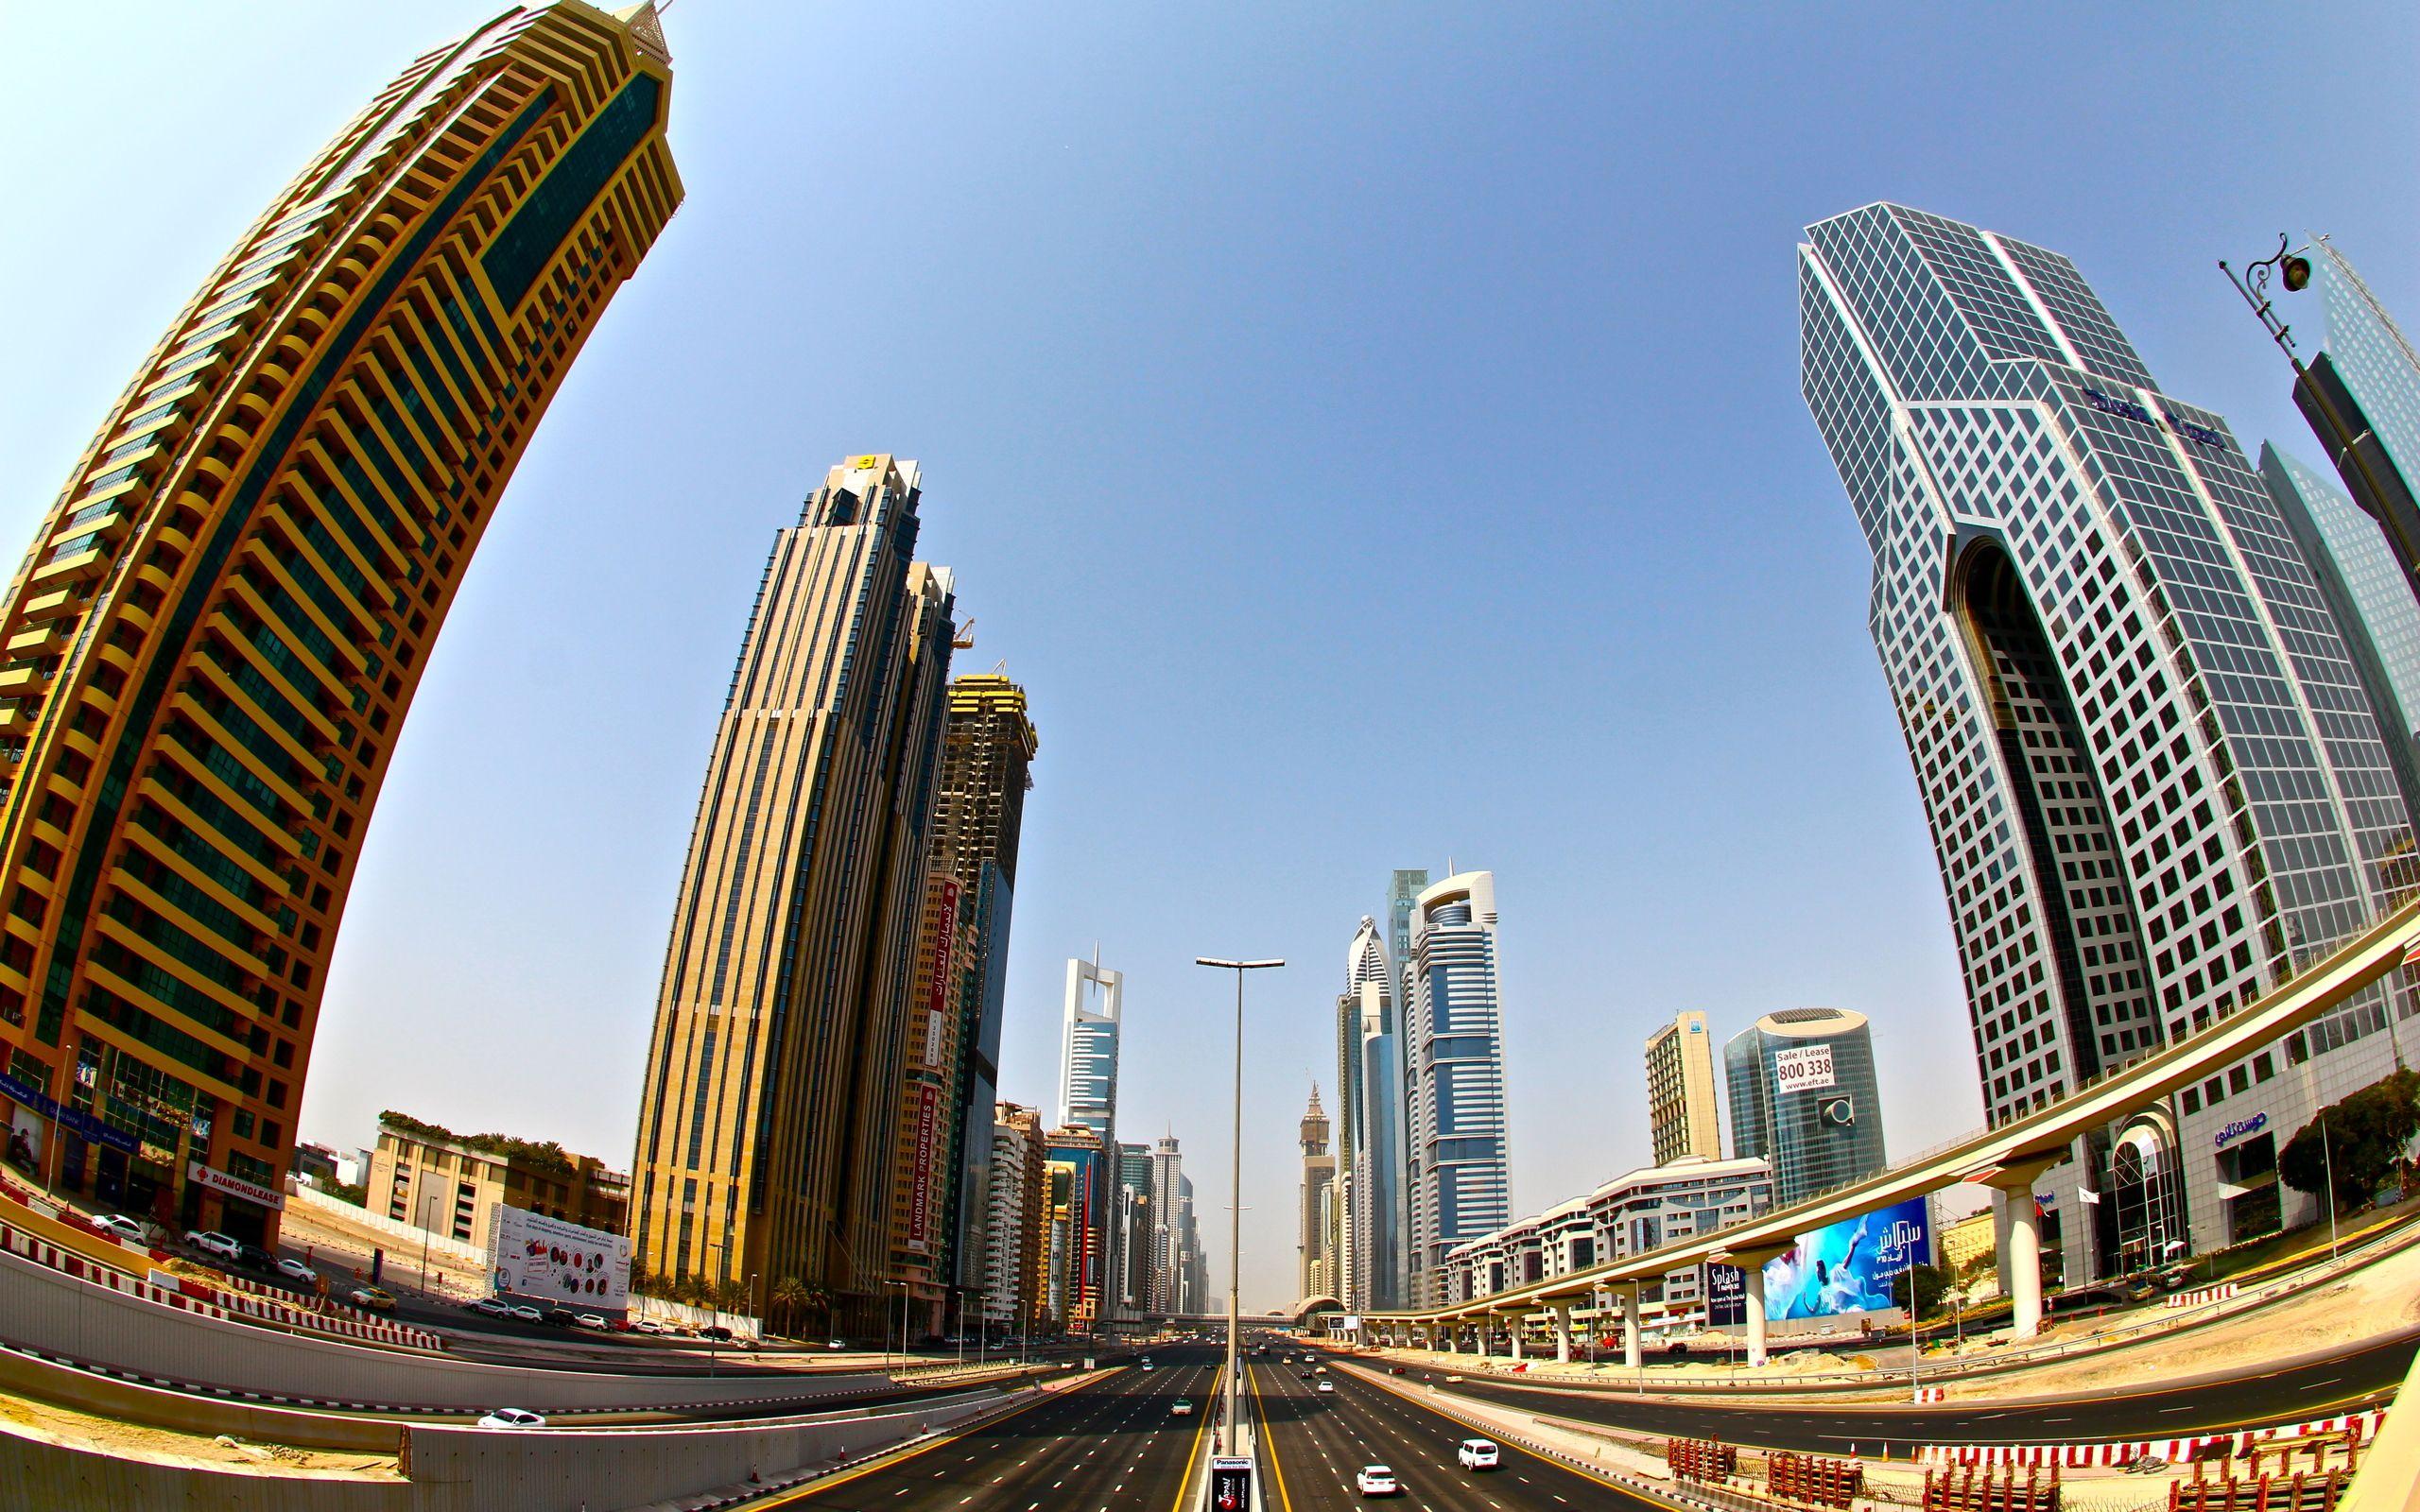 страны архитектура небоскреб рассвет Дубаи объединенные арабские эмираты  № 2209853 бесплатно